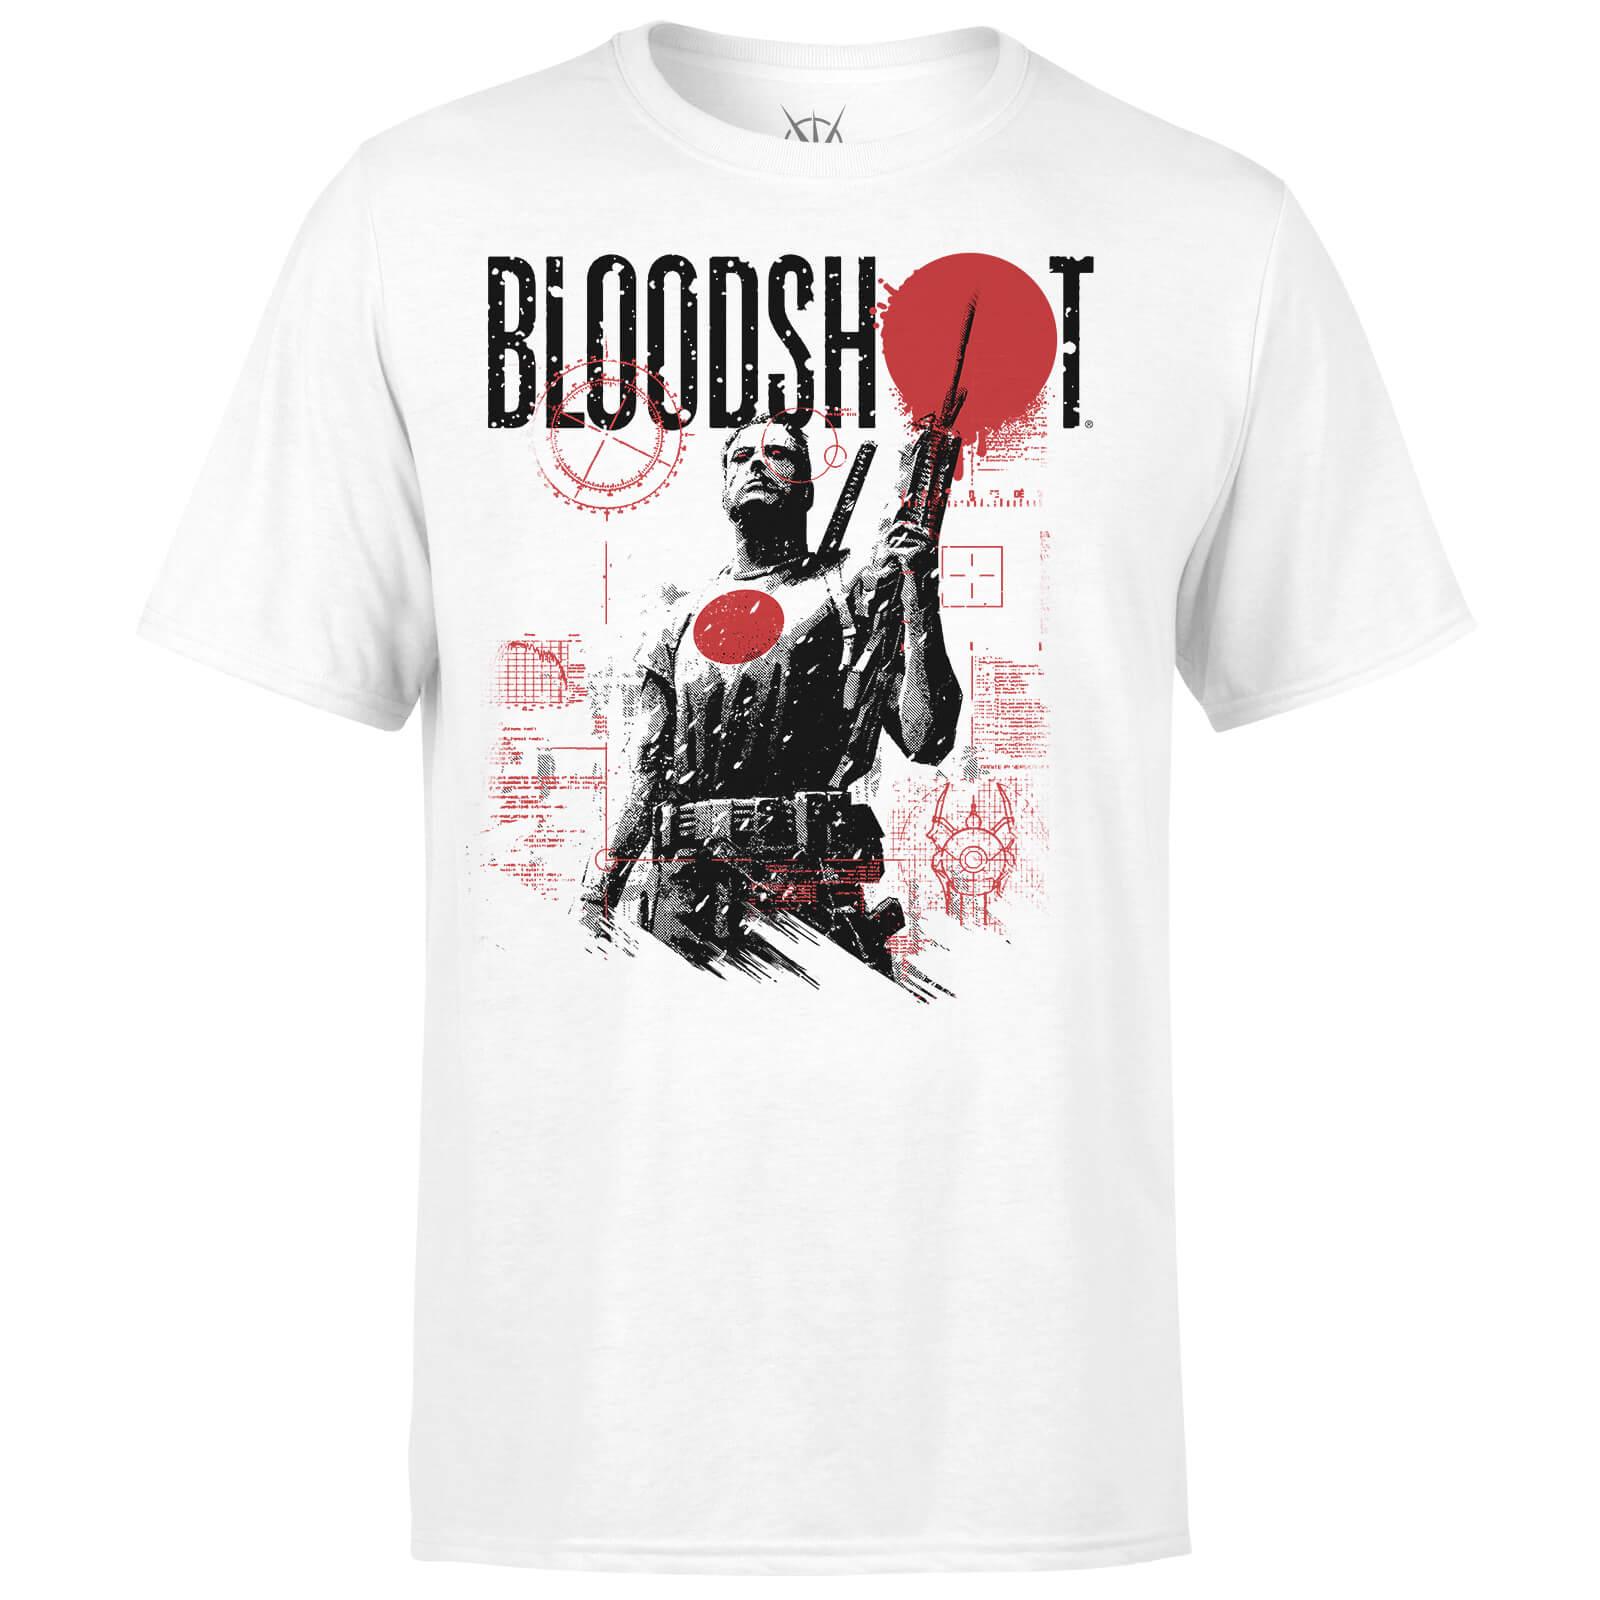 Valiant Comics Bloodshot Graphic T-Shirt - White - XL - White